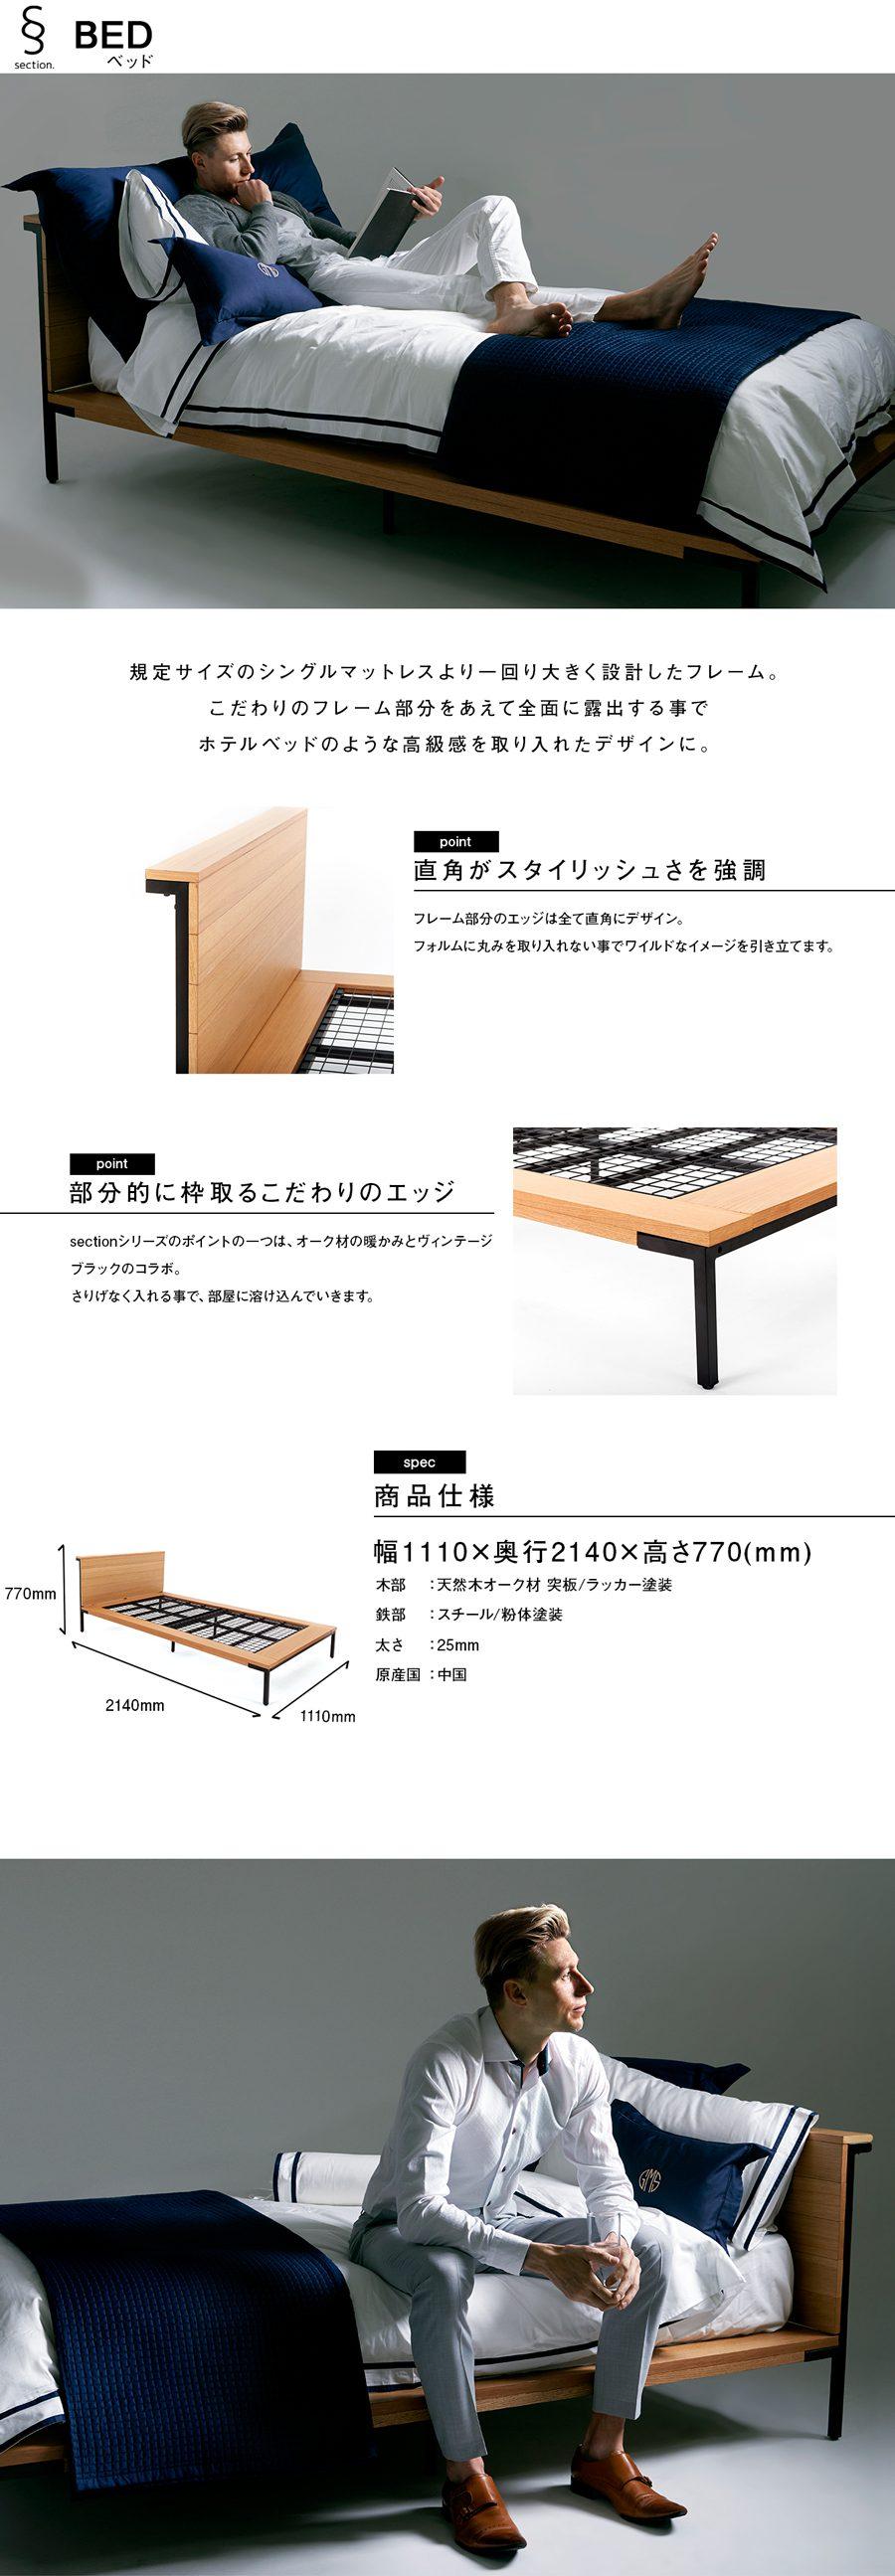 ベッドの説明文